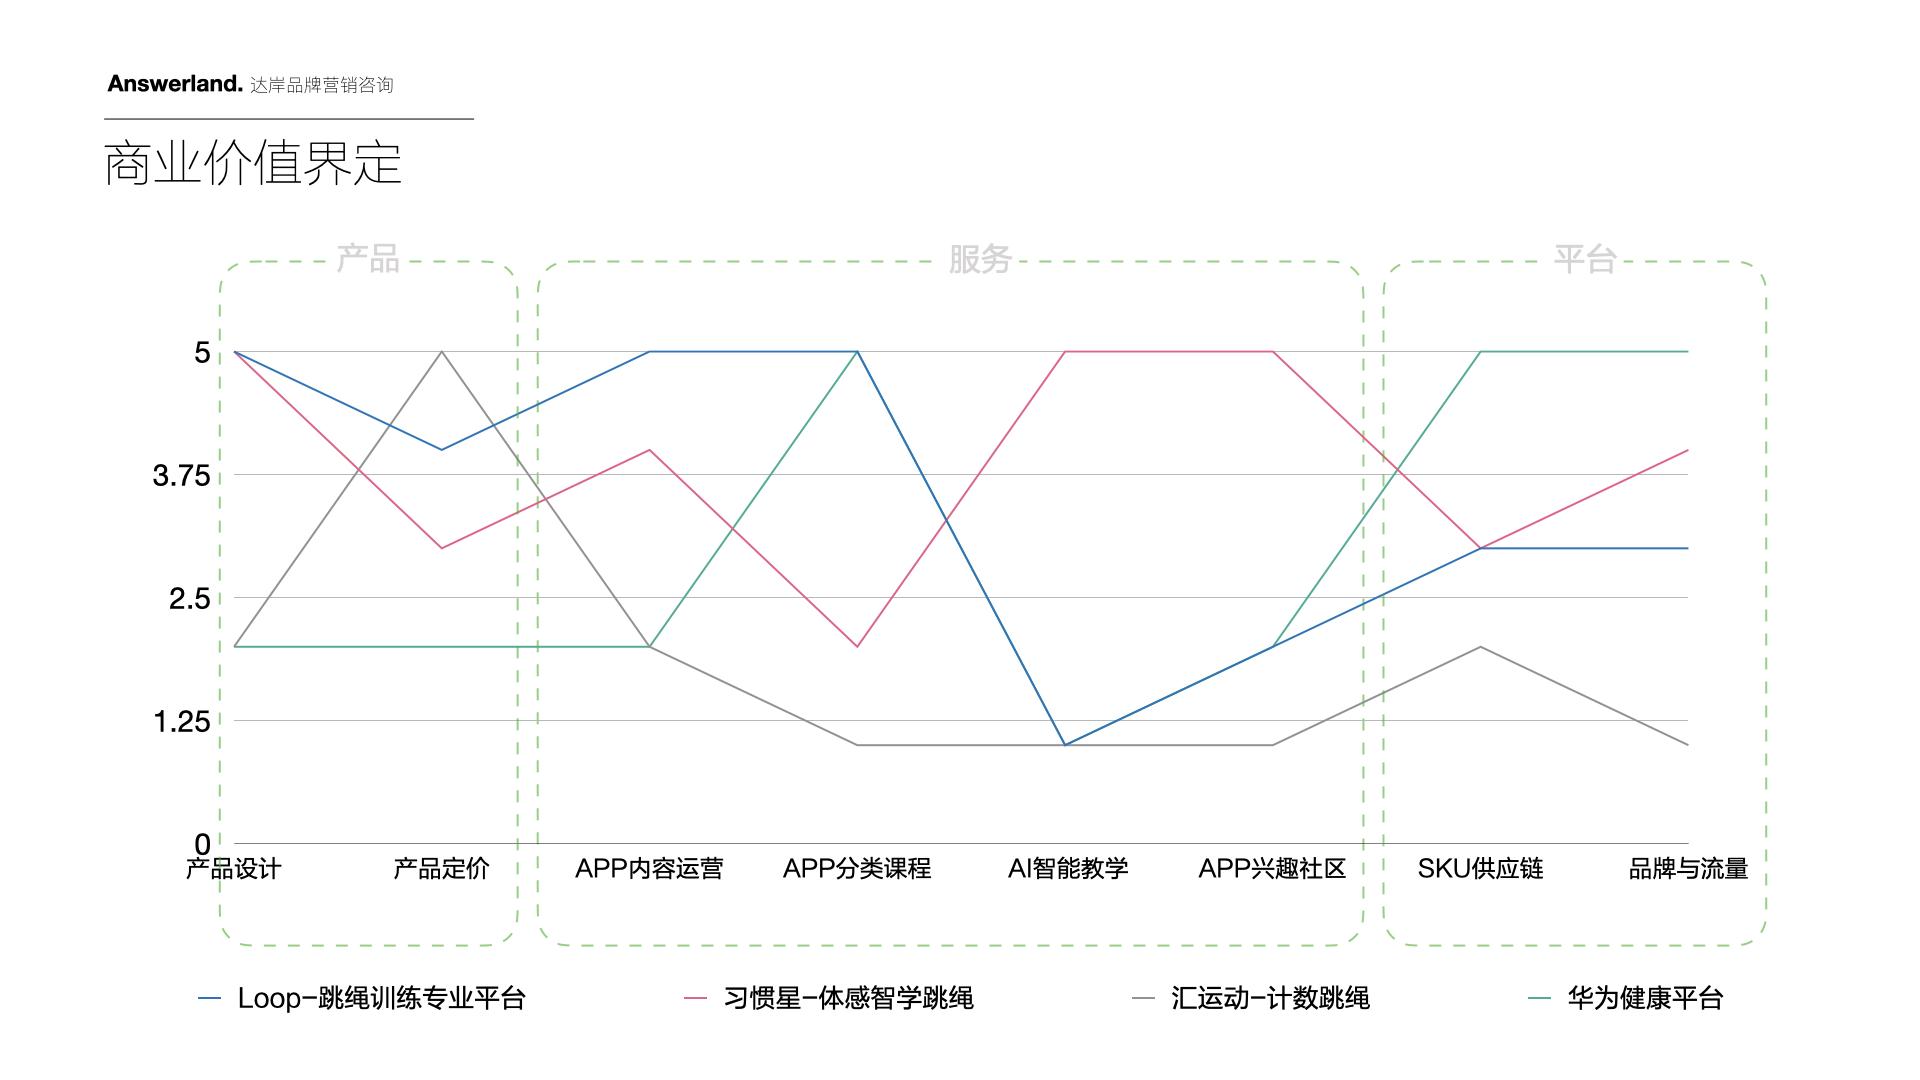 【公司-企业介绍】达岸品牌营销20200526.007